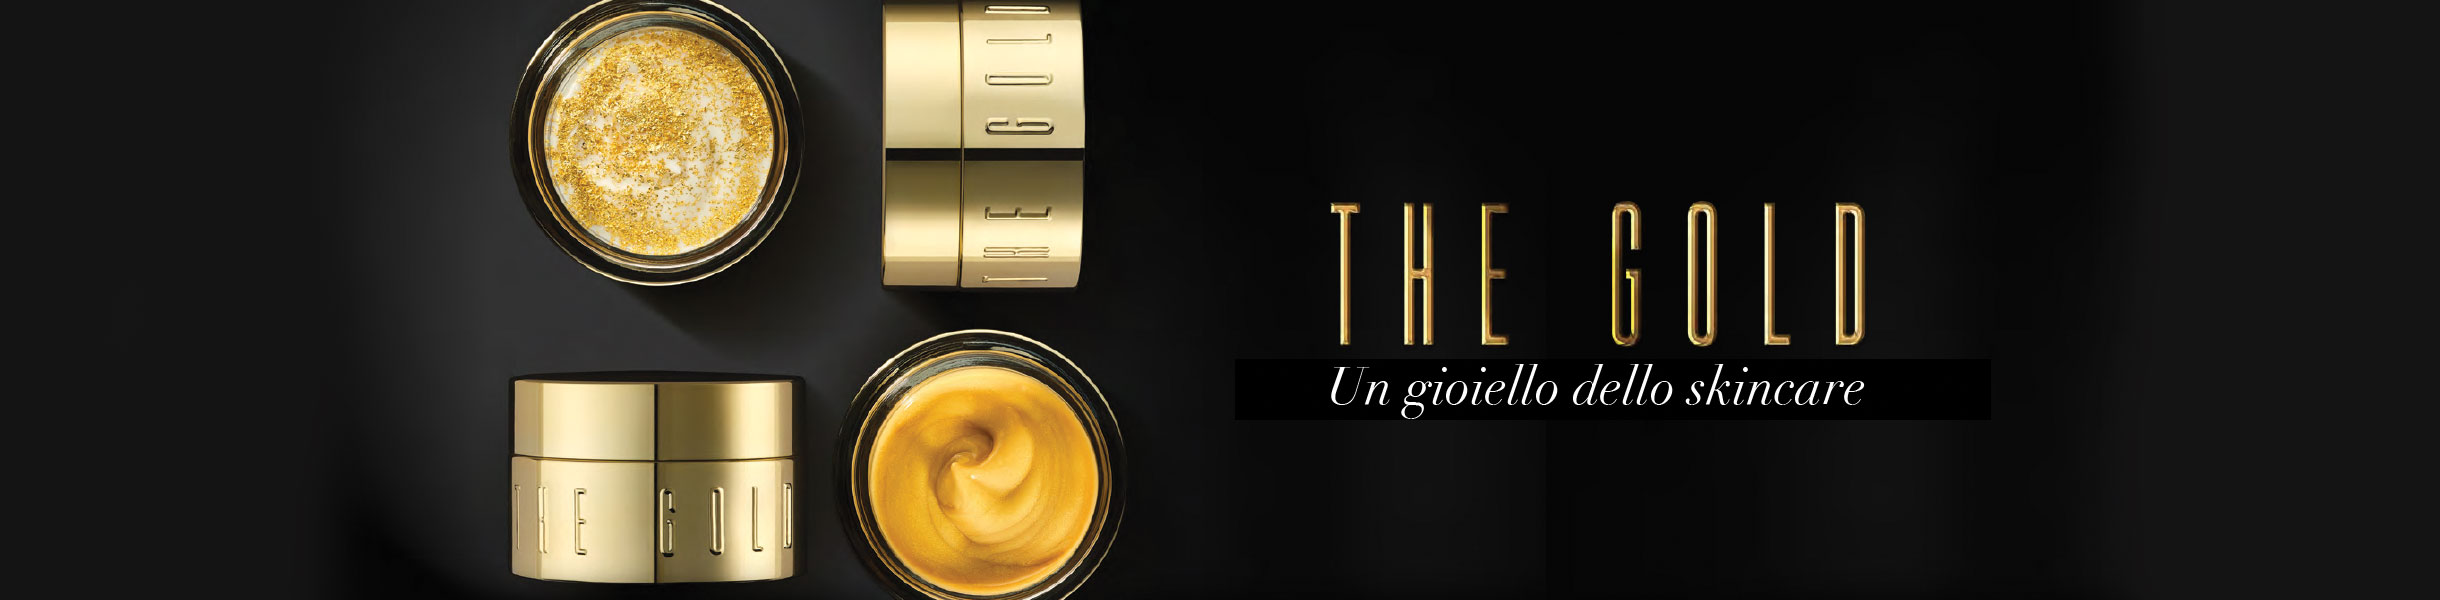 THE GOLD - TRATTAMENTO ANTI ETA' CON ORO